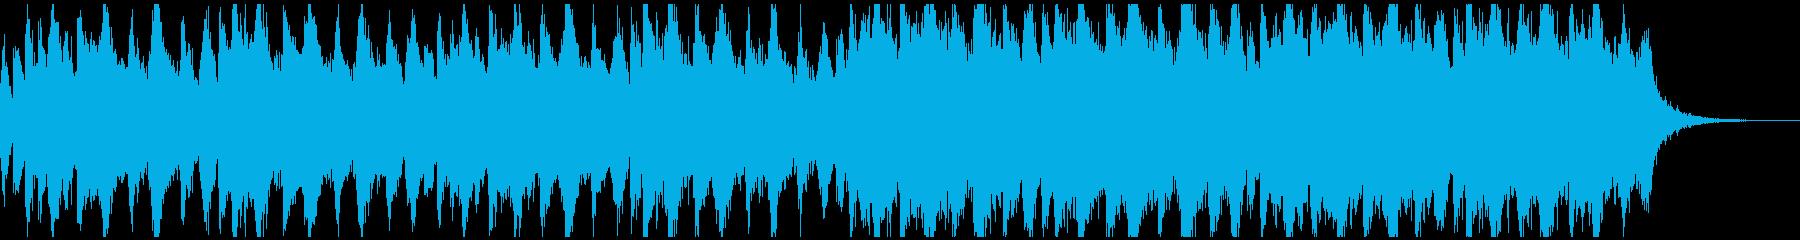 ハロウィン、ホラー、ダーク系メロディーの再生済みの波形